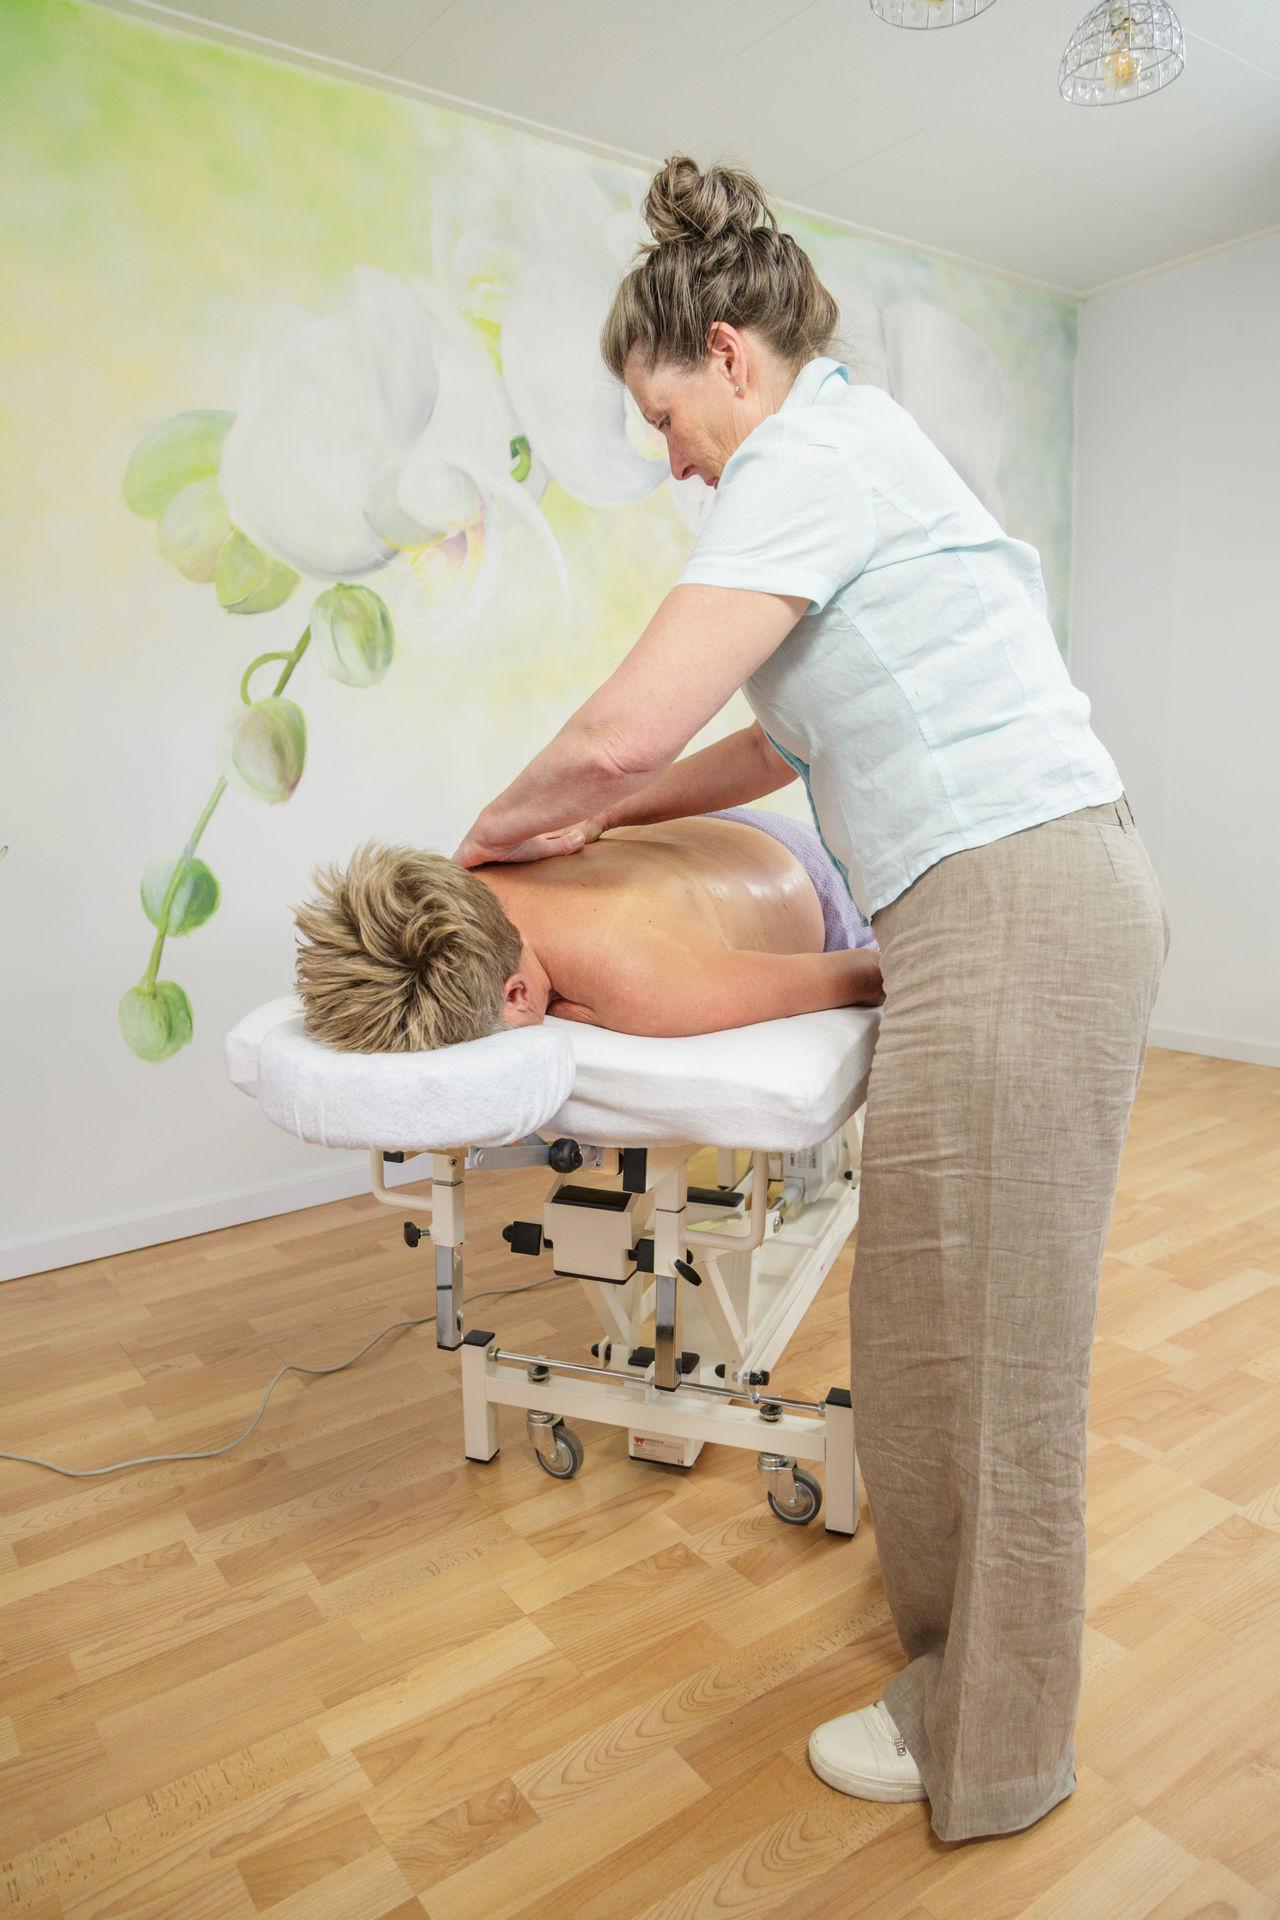 Haptische massage in de overgang - overgangsconsulente masseert